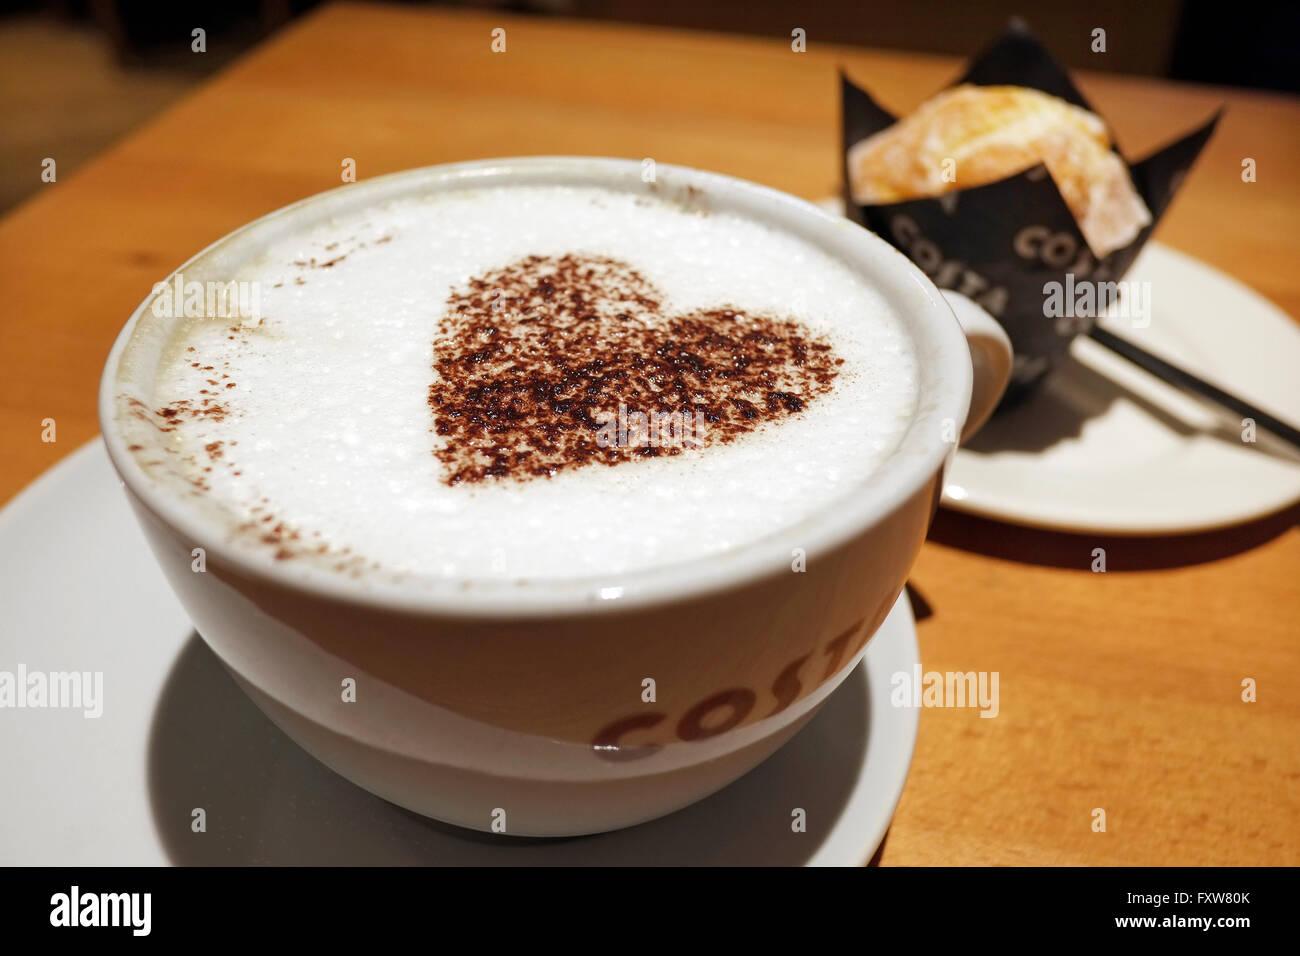 Cappuccino e caffè al cioccolato a forma di cuore Immagini Stock